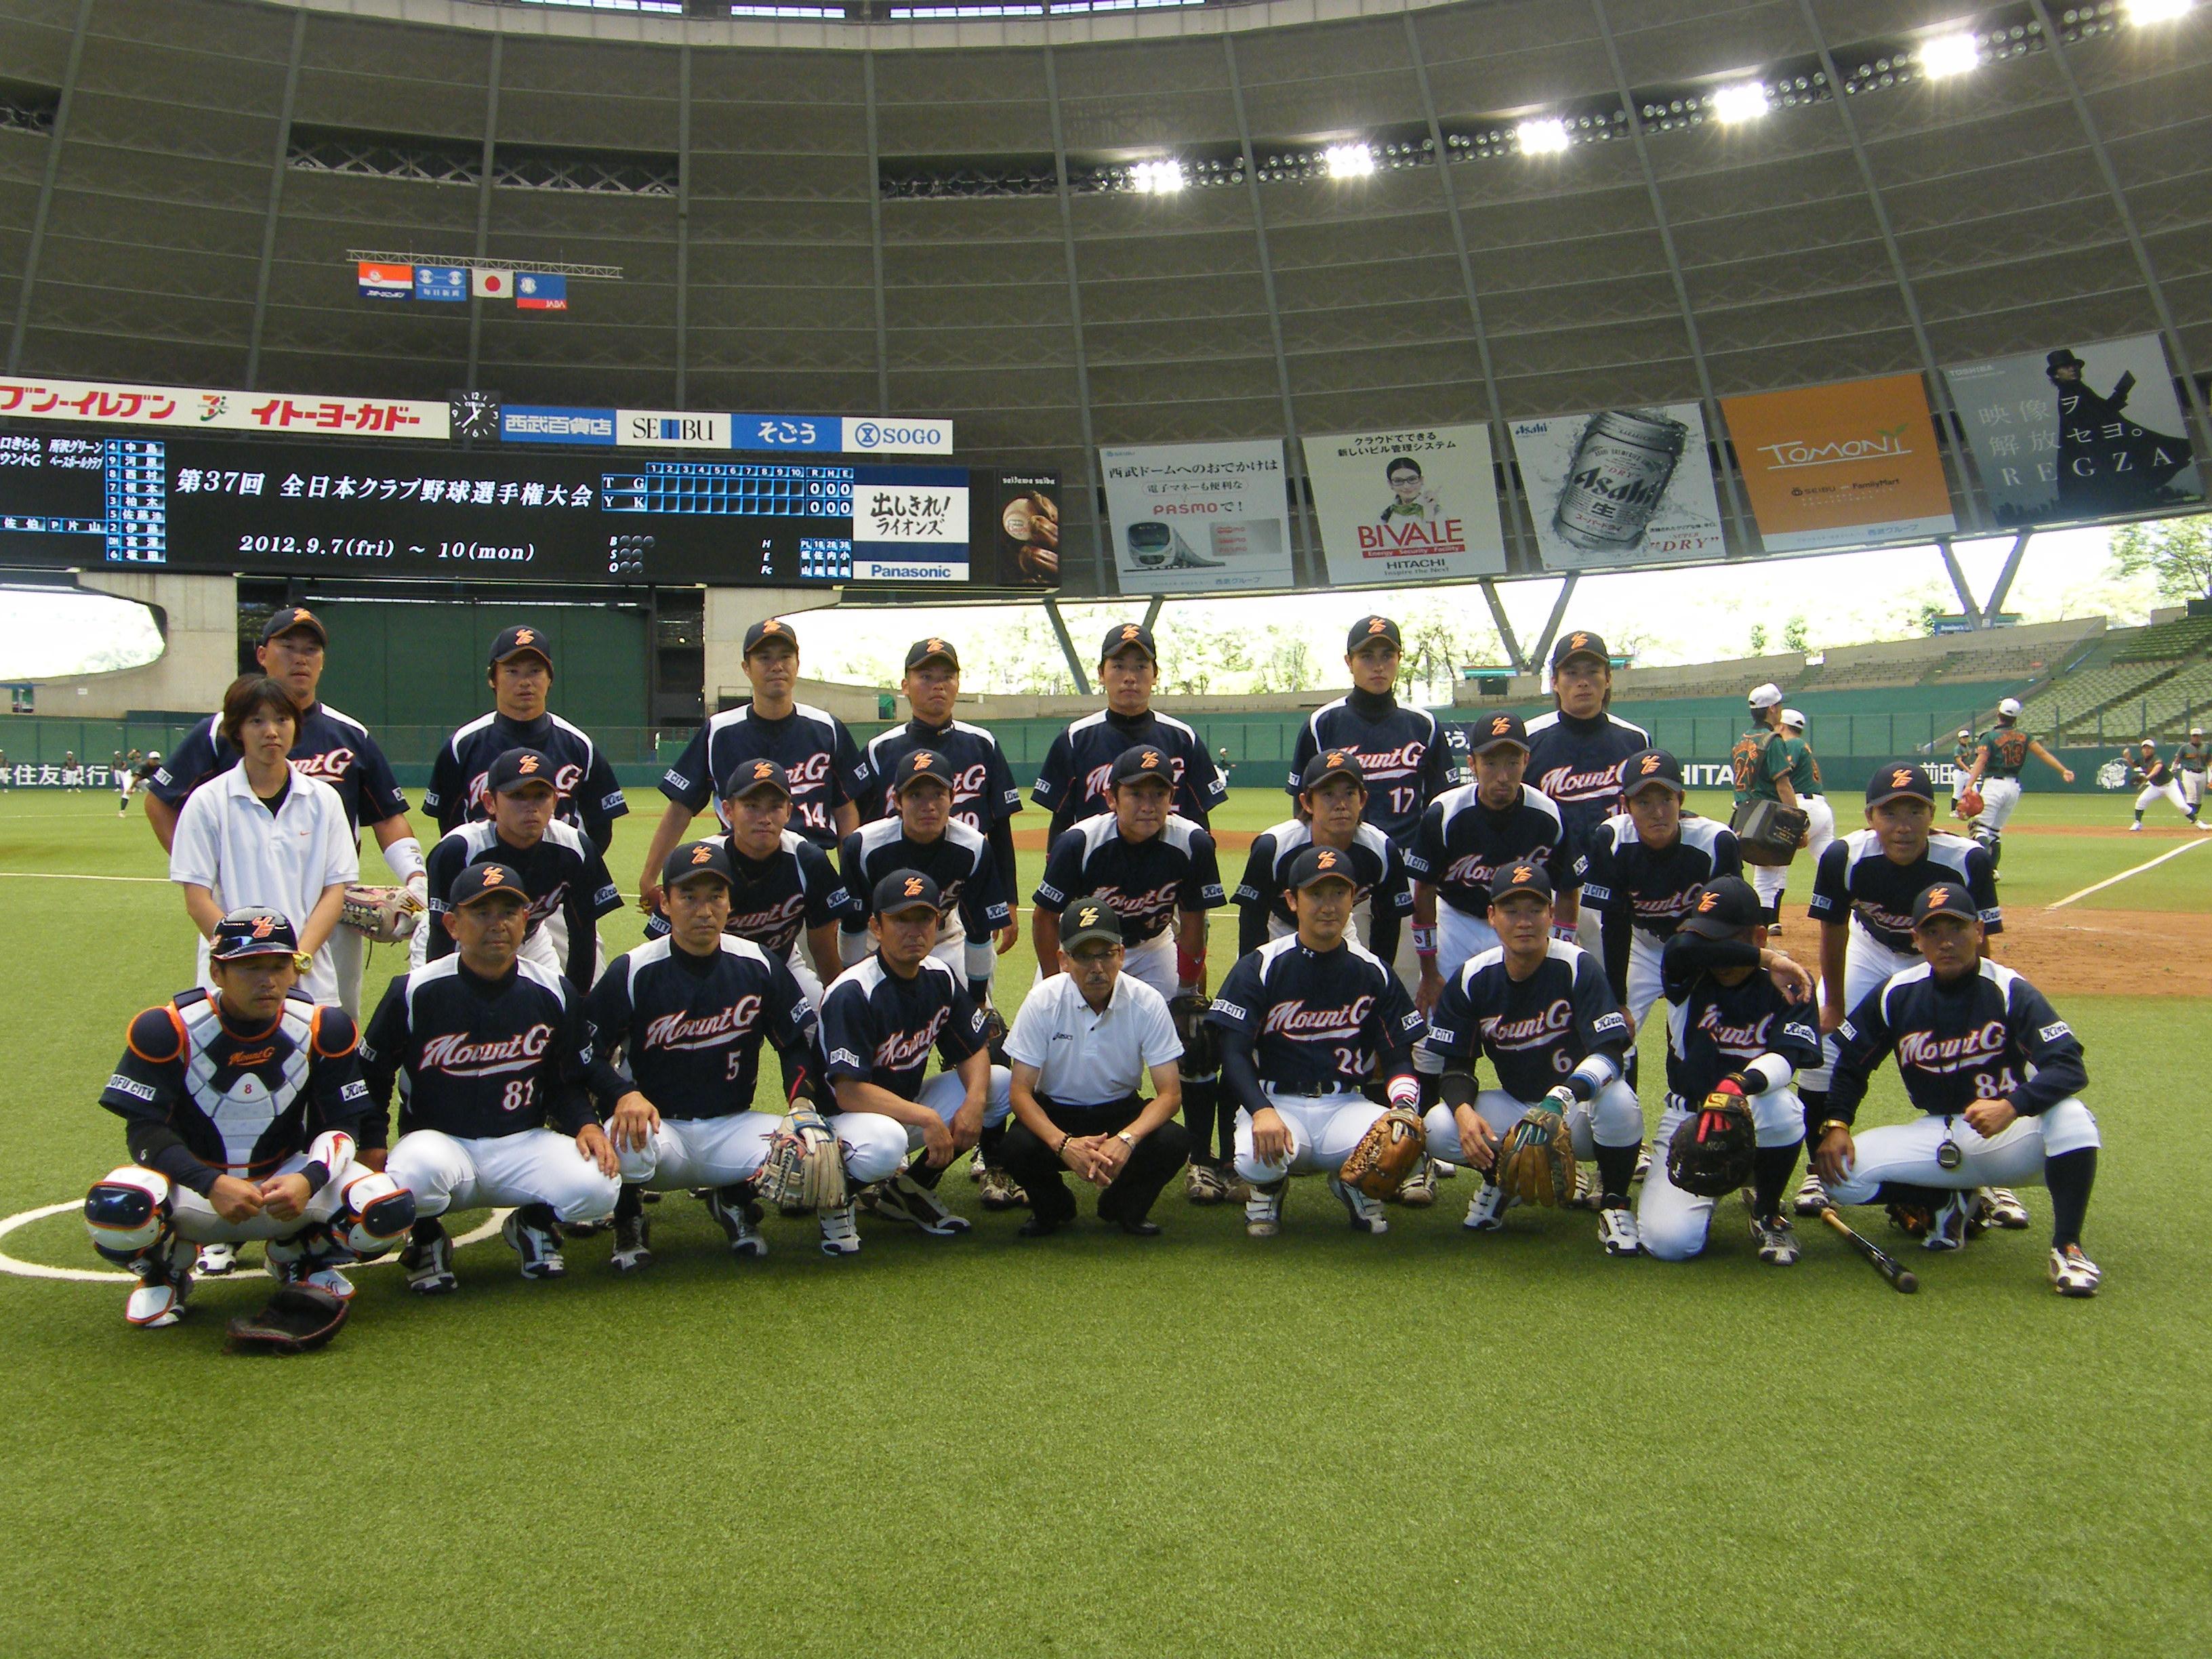 第37回全日本クラブ野球選手権大会での集合写真